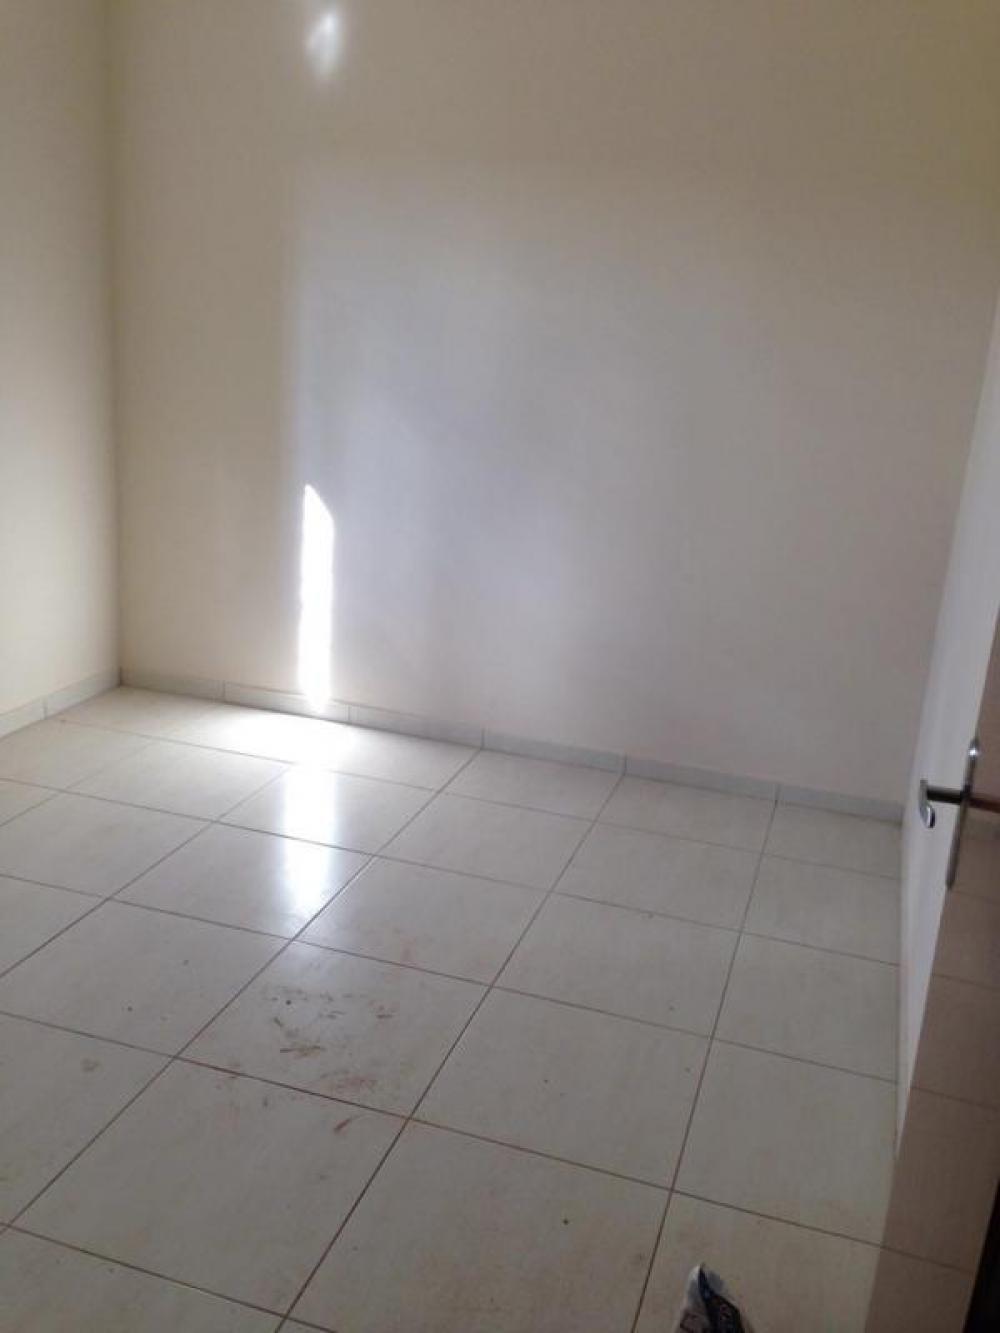 Comprar Casa / Padrão em São José do Rio Preto R$ 220.000,00 - Foto 7